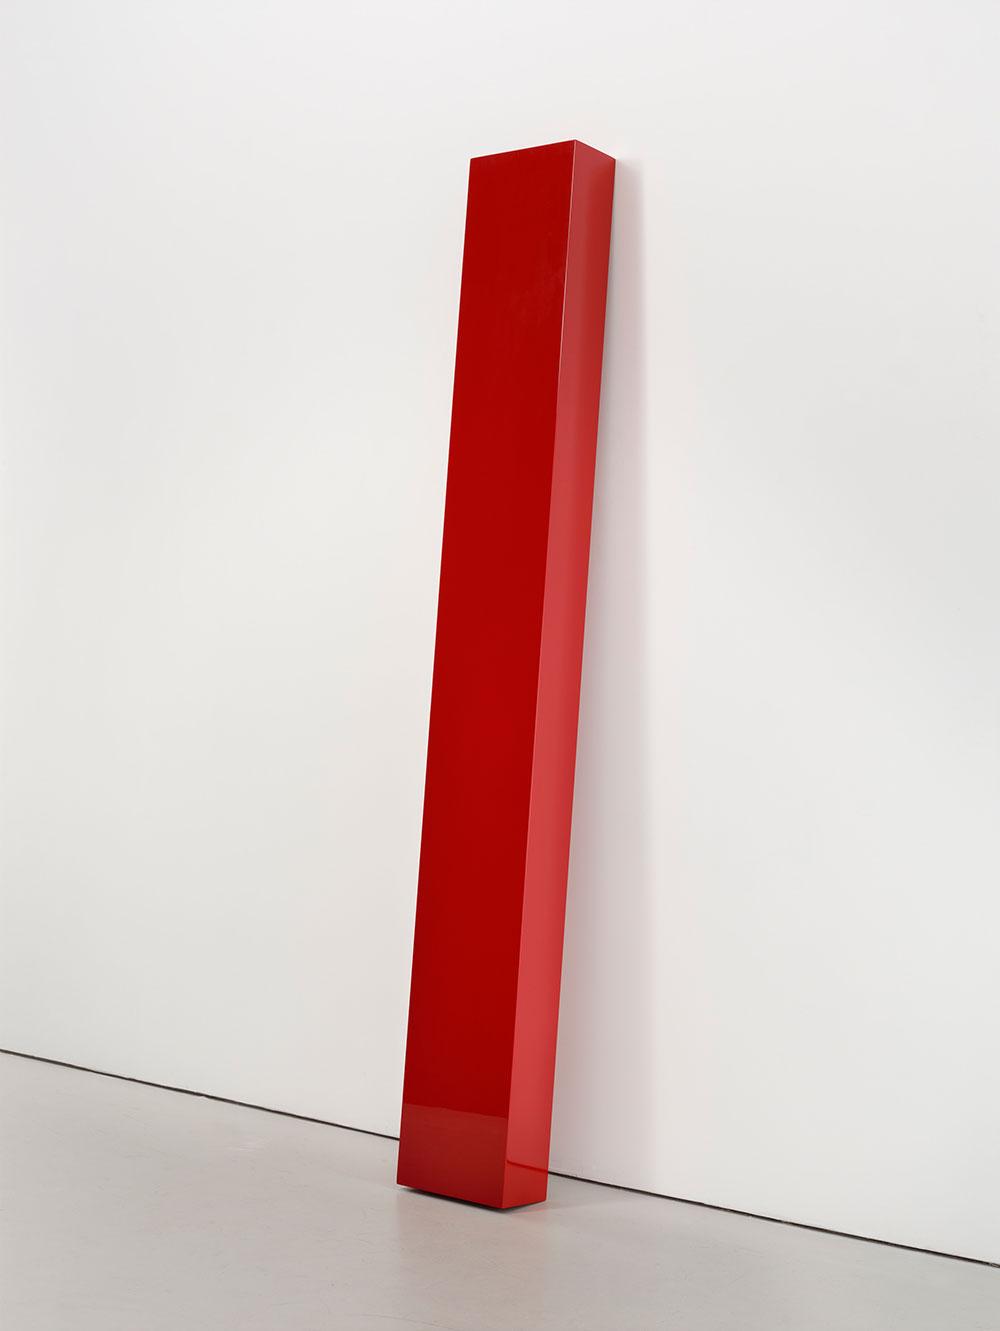 פלינג, ג'ון מקראקן, 2002. באדיבות ג'ון מקראקן וגלריה דייוויד זווירנר, לונדון